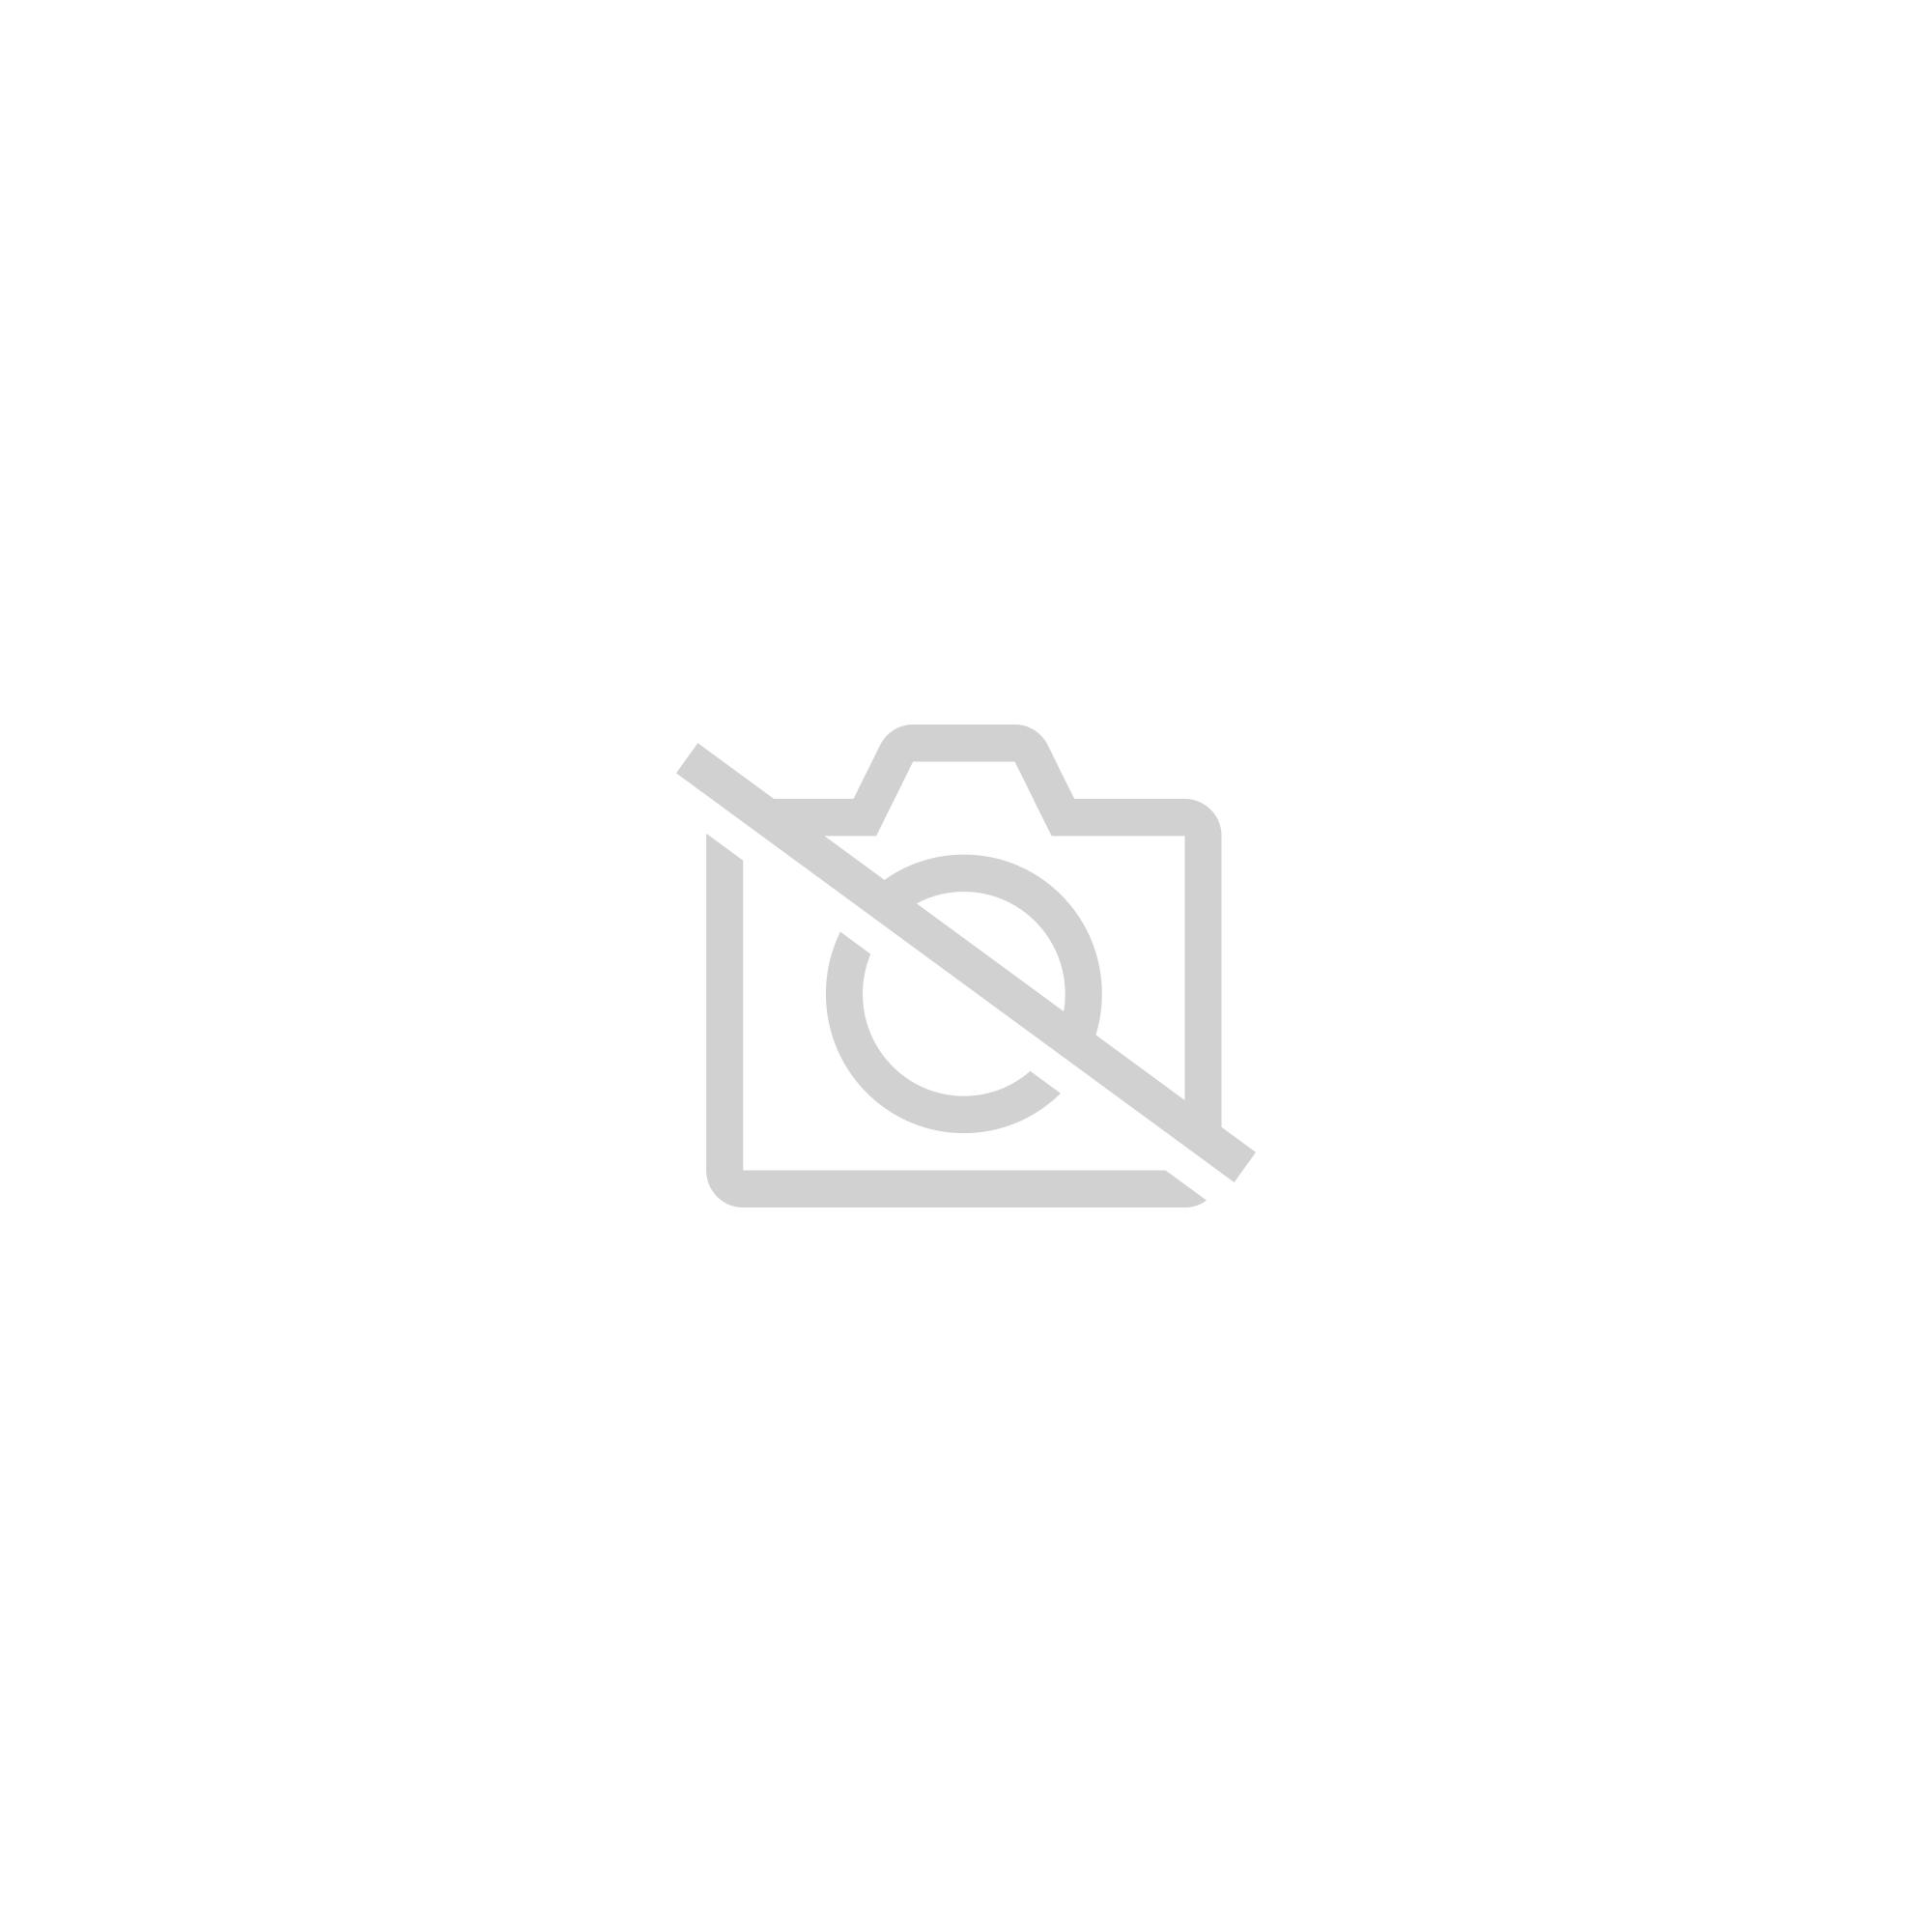 4 Mini Skateboards